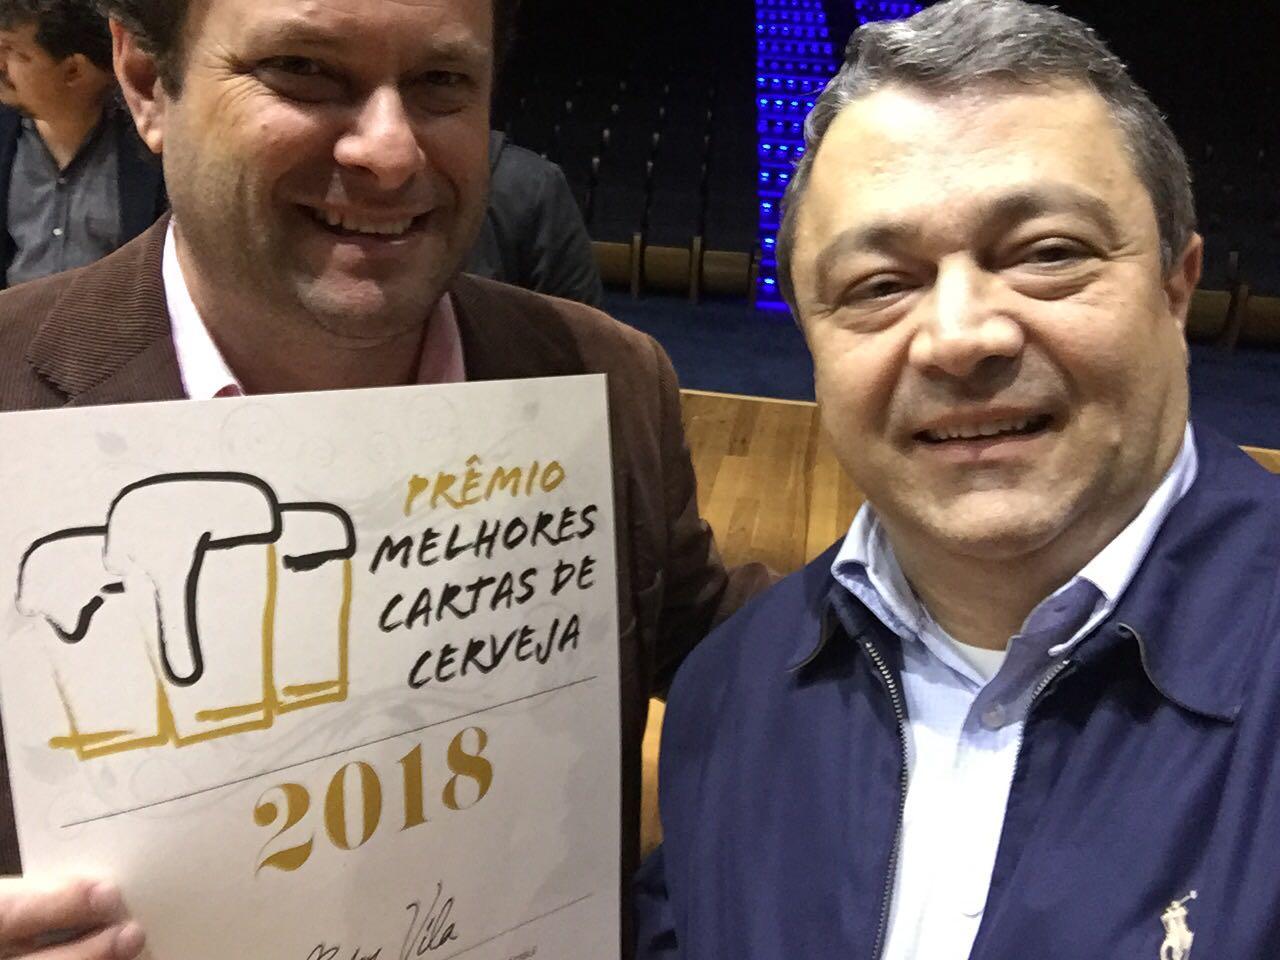 Carta de cervejas de bar de Blumenau (SC) é eleita uma das melhores do país